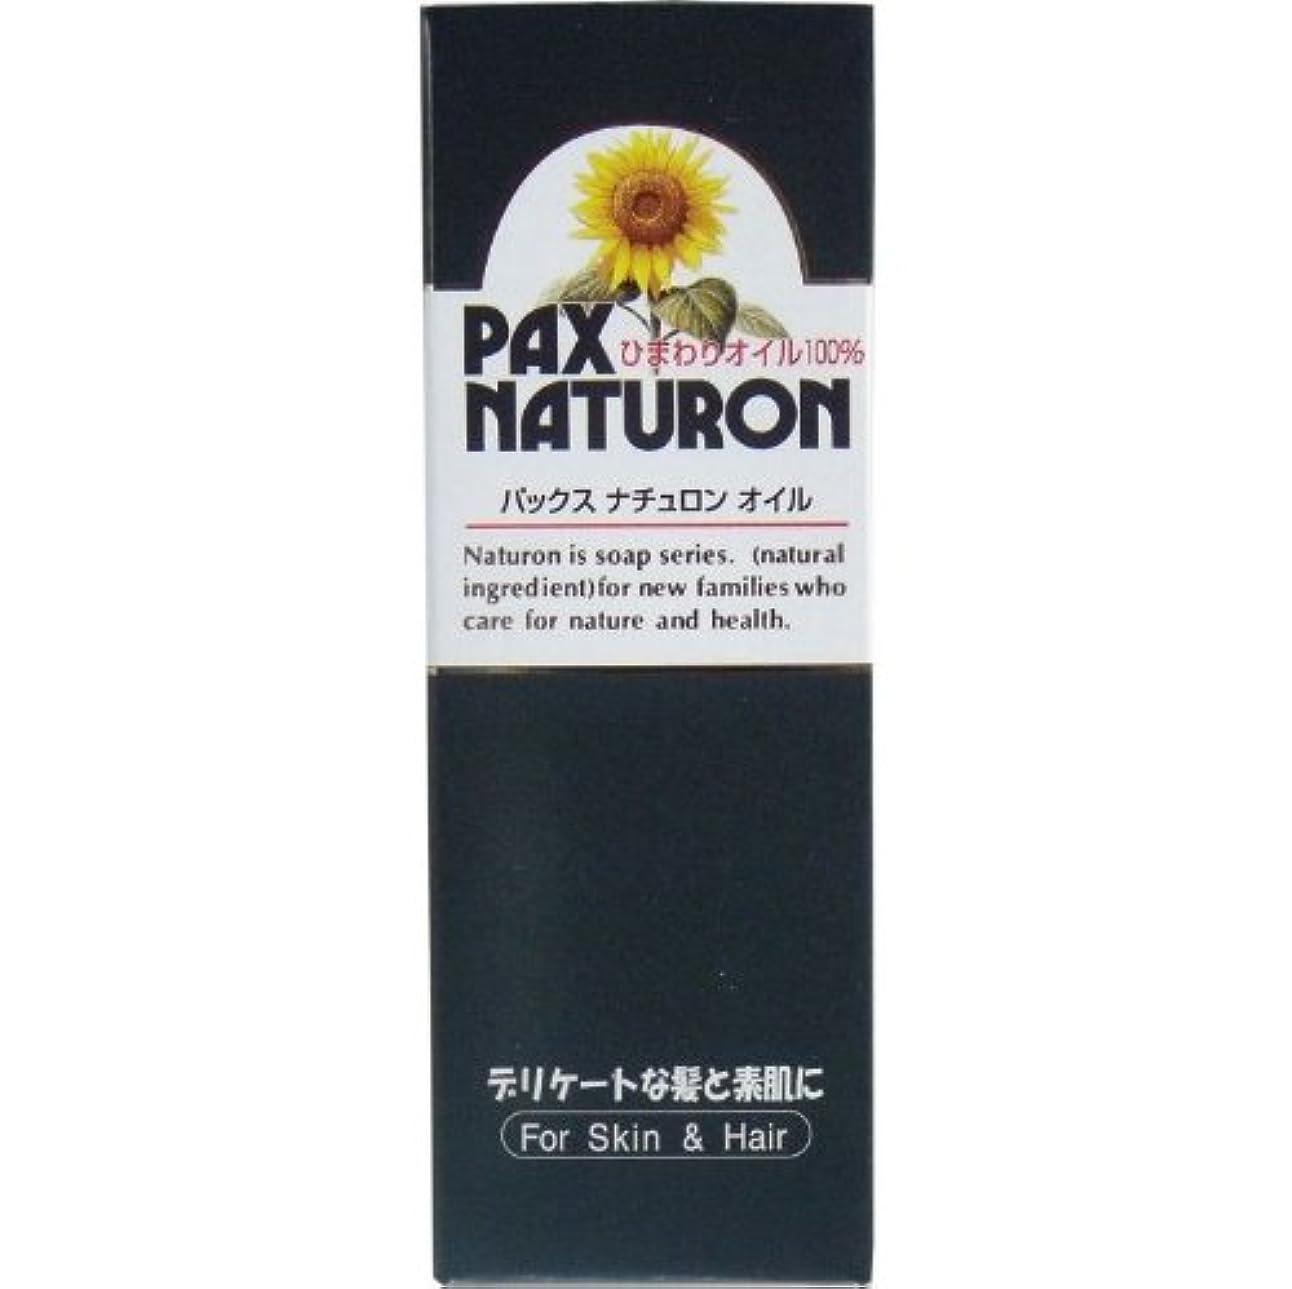 三角配置読むデリケートな髪と素肌に!ひまわりの種子から採った ハイオレイックひまわり油 60mL【2個セット】